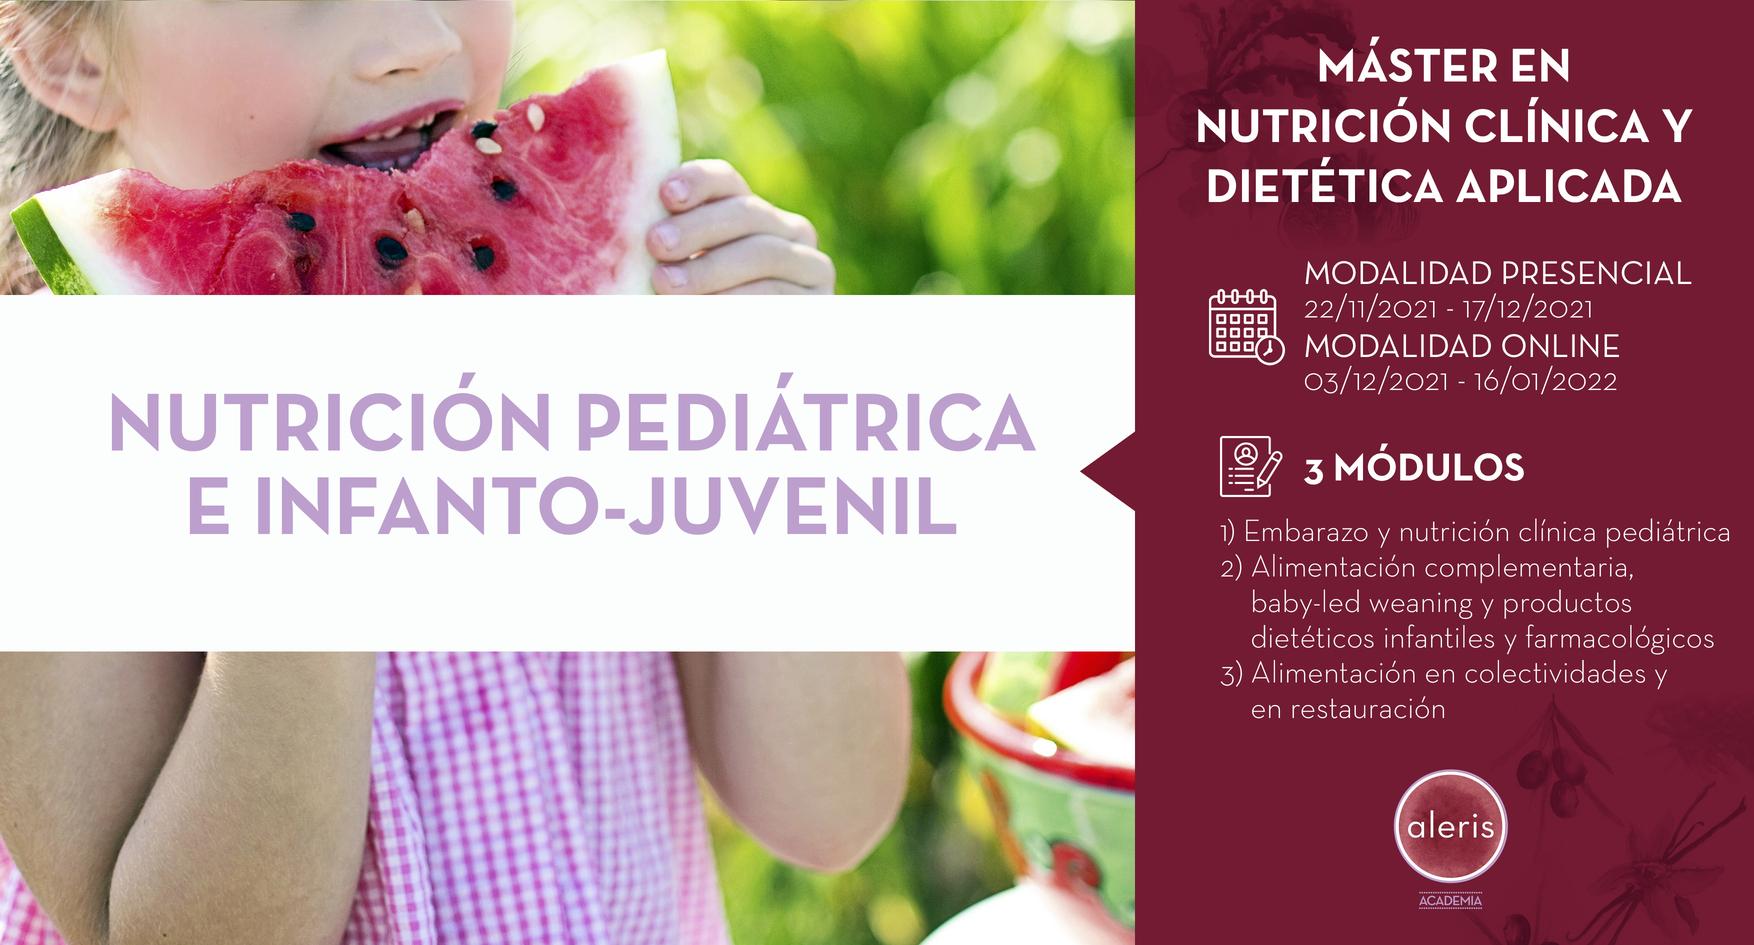 NUTRICIÓN PEDIÁTRICA E INFANTO-JUVENIL